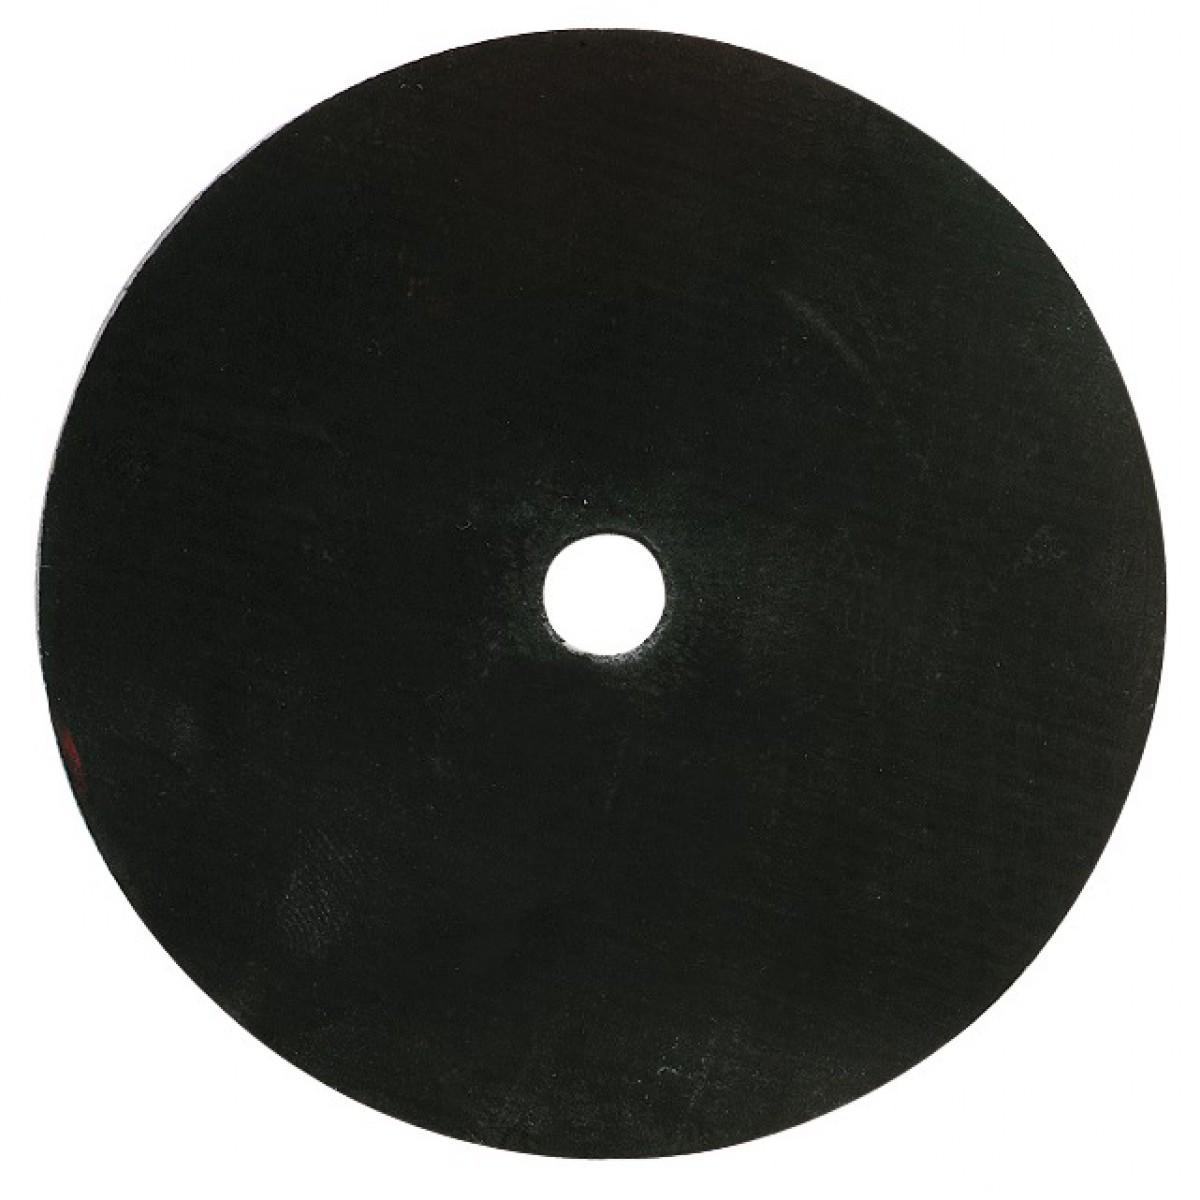 Joint de chasse basse en caoutchouc Gripp - Cloc-toc